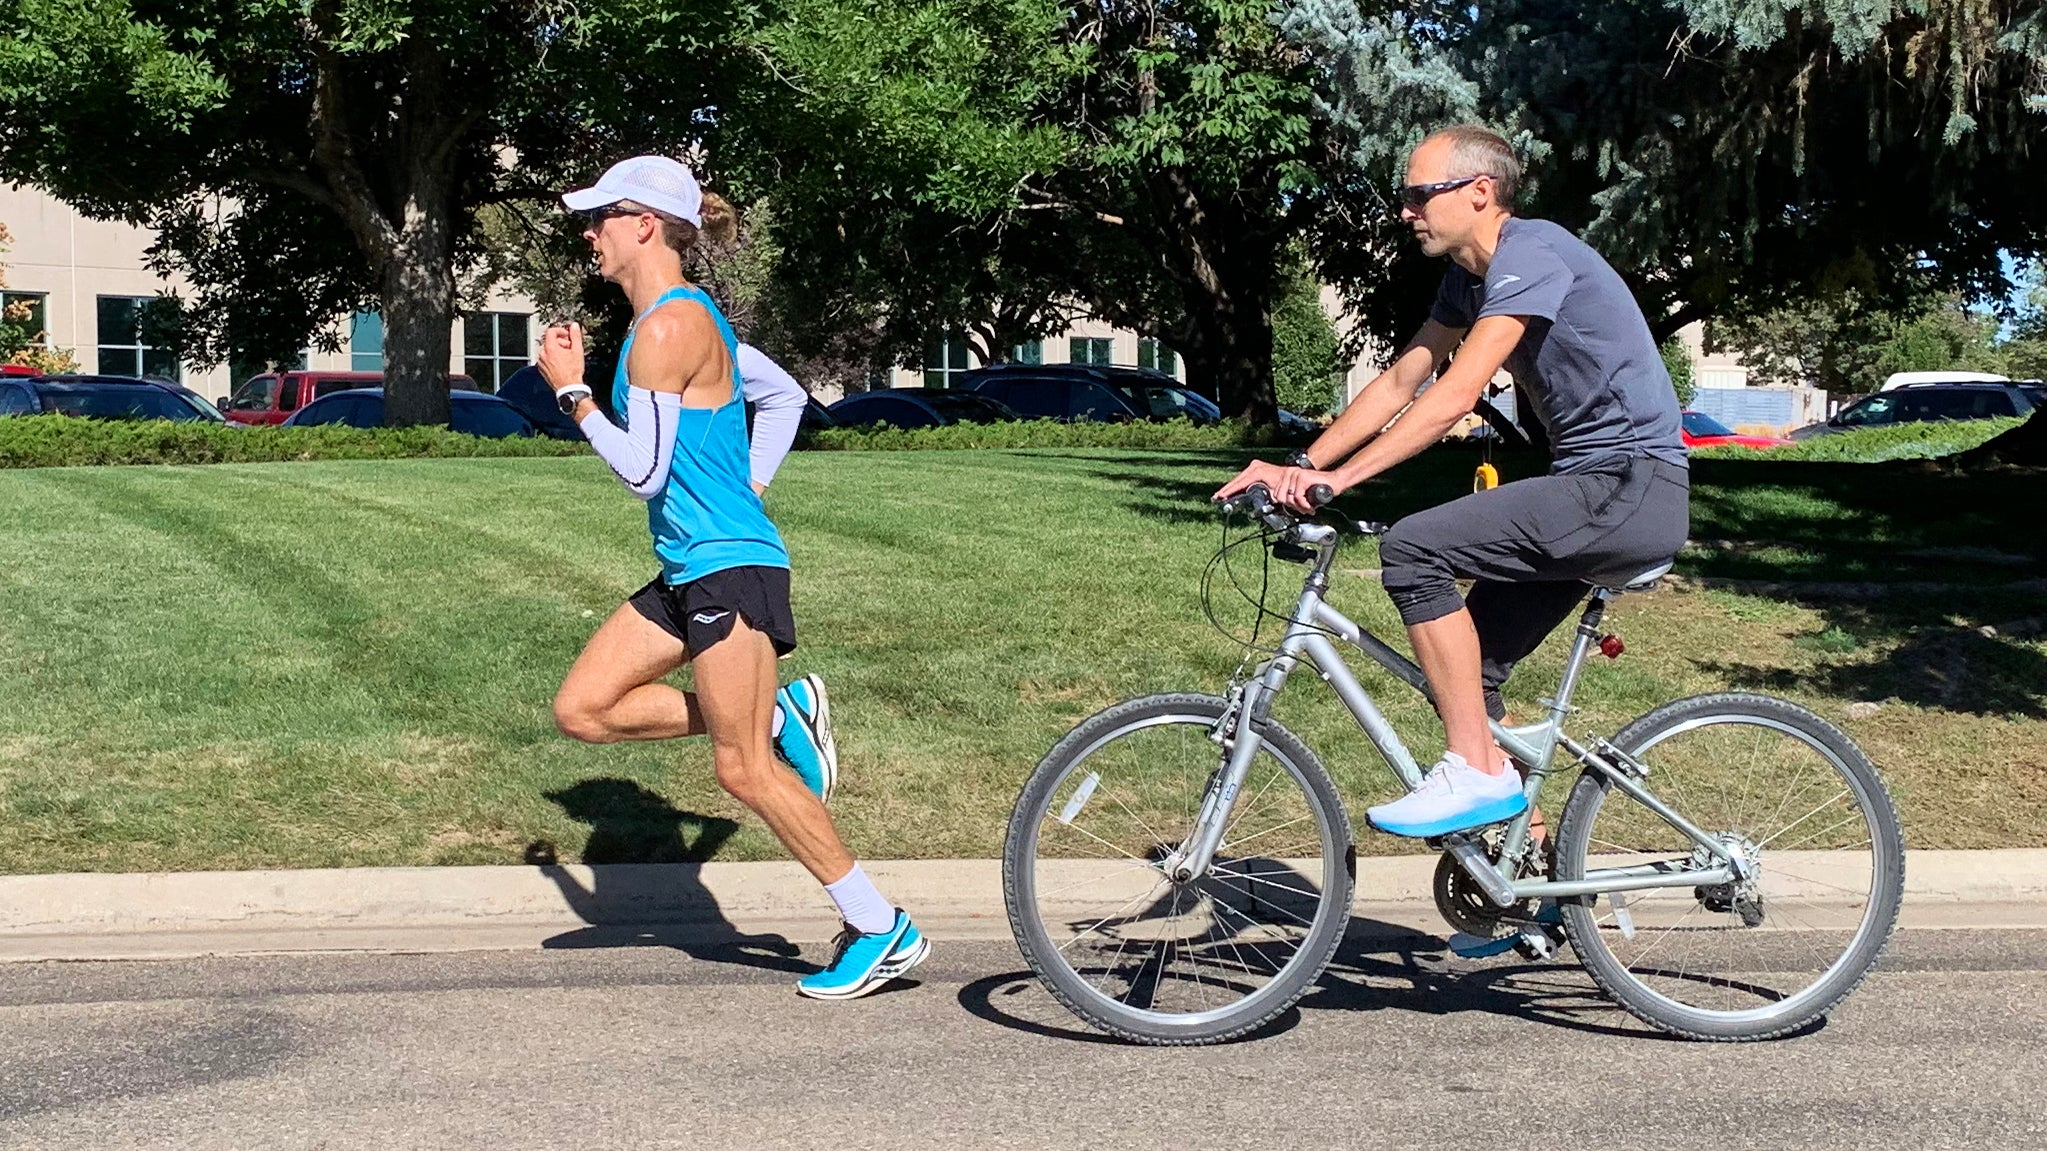 Dathan Ritzenhein and Parker Stinson marathon training